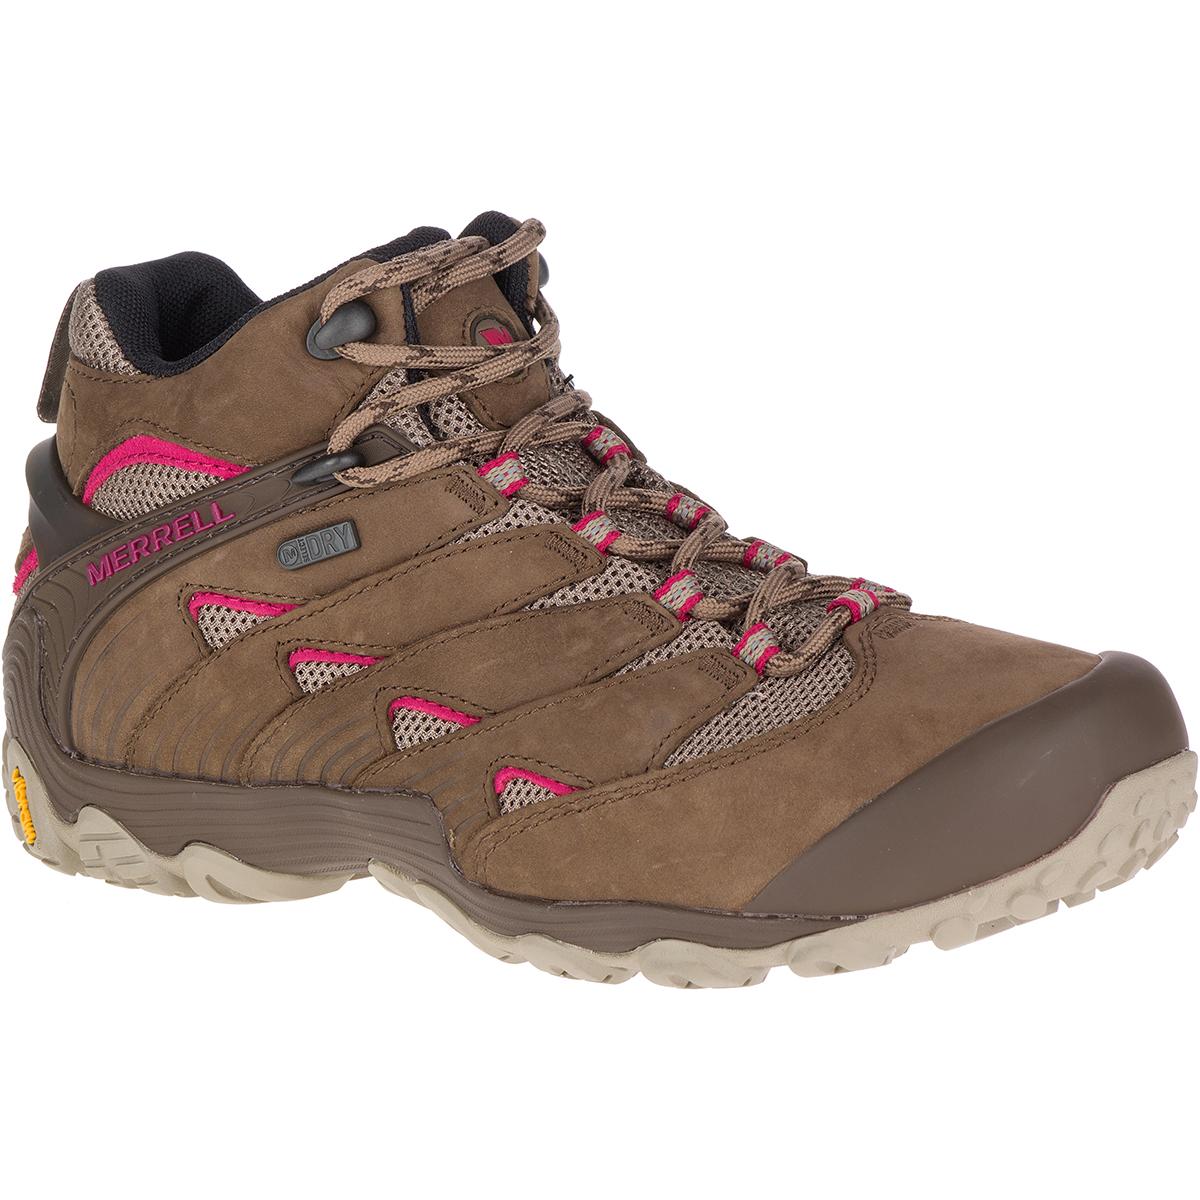 Merrell Women's Chameleon 7 Mid Waterproof Hiking Boot - Brown, 11